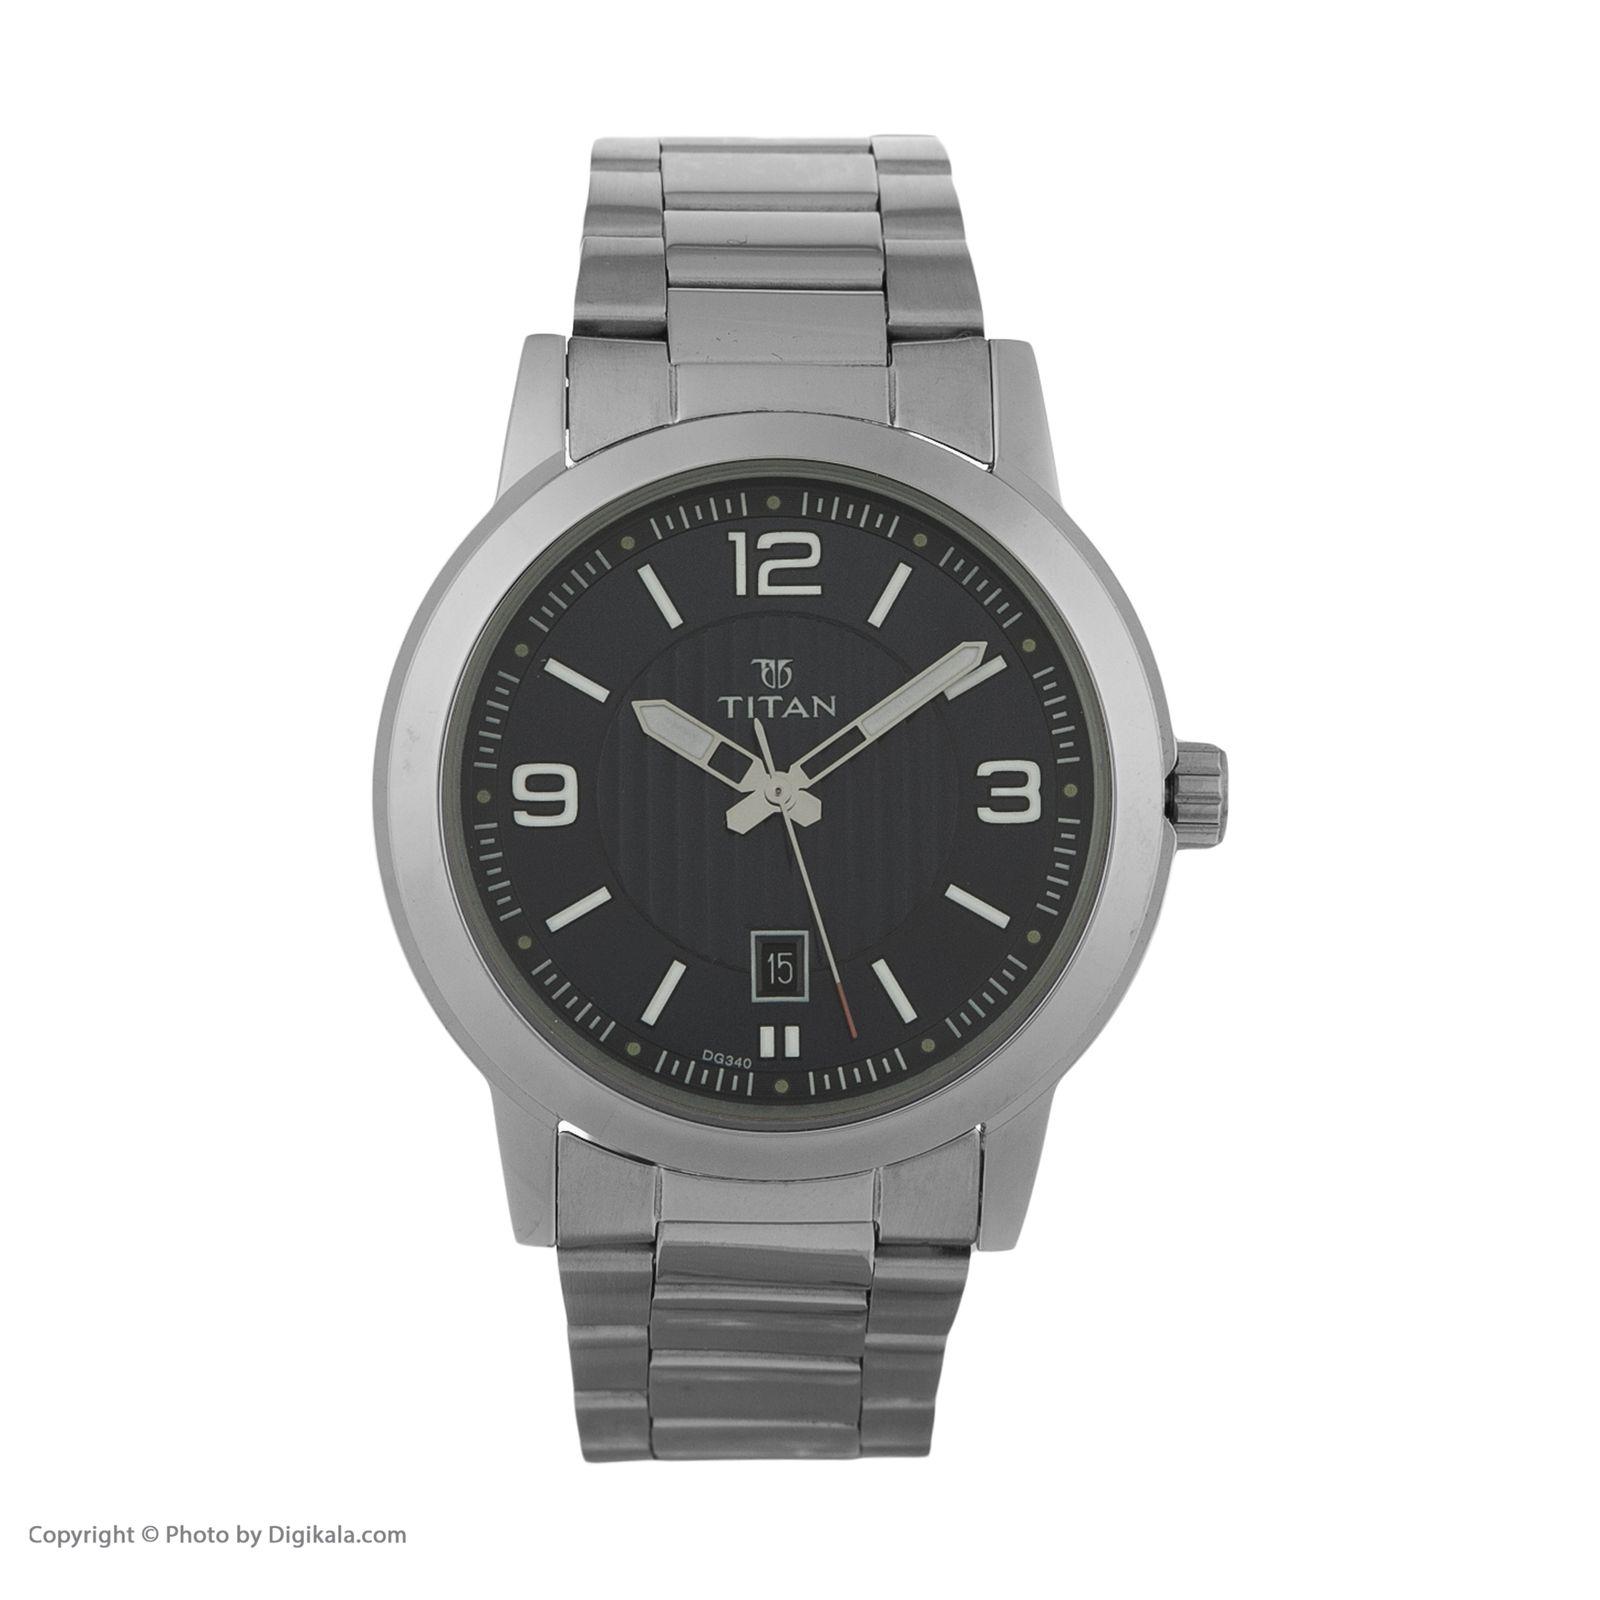 ساعت مچی عقربه ای مردانه تیتان مدل T1730SM03 -  - 2